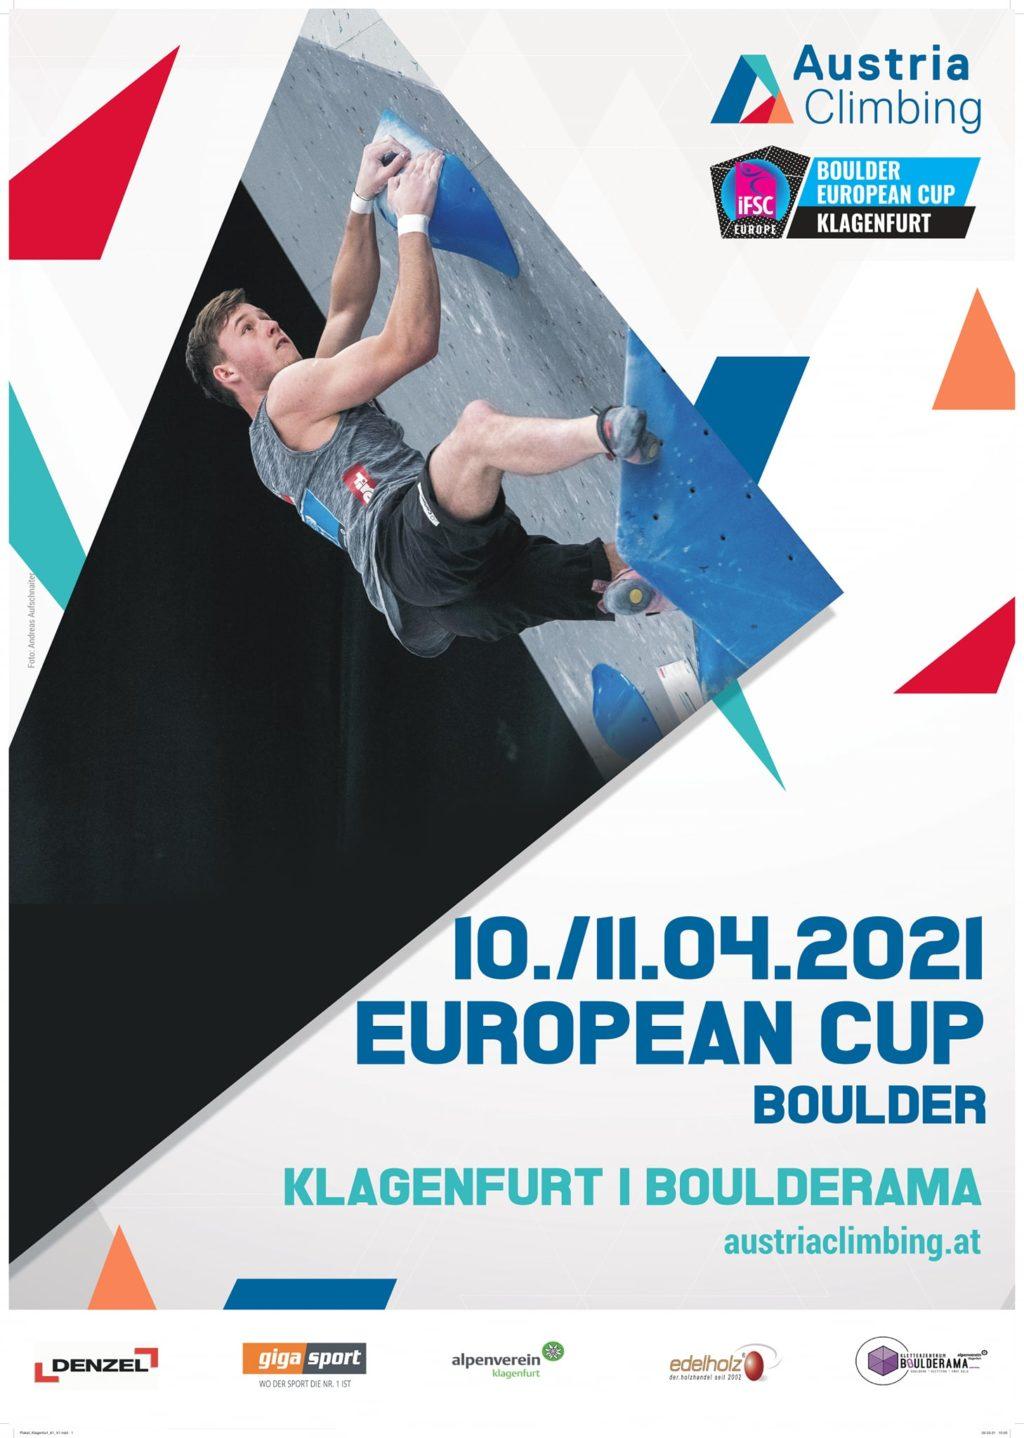 European Cup Klagenfurt Poster